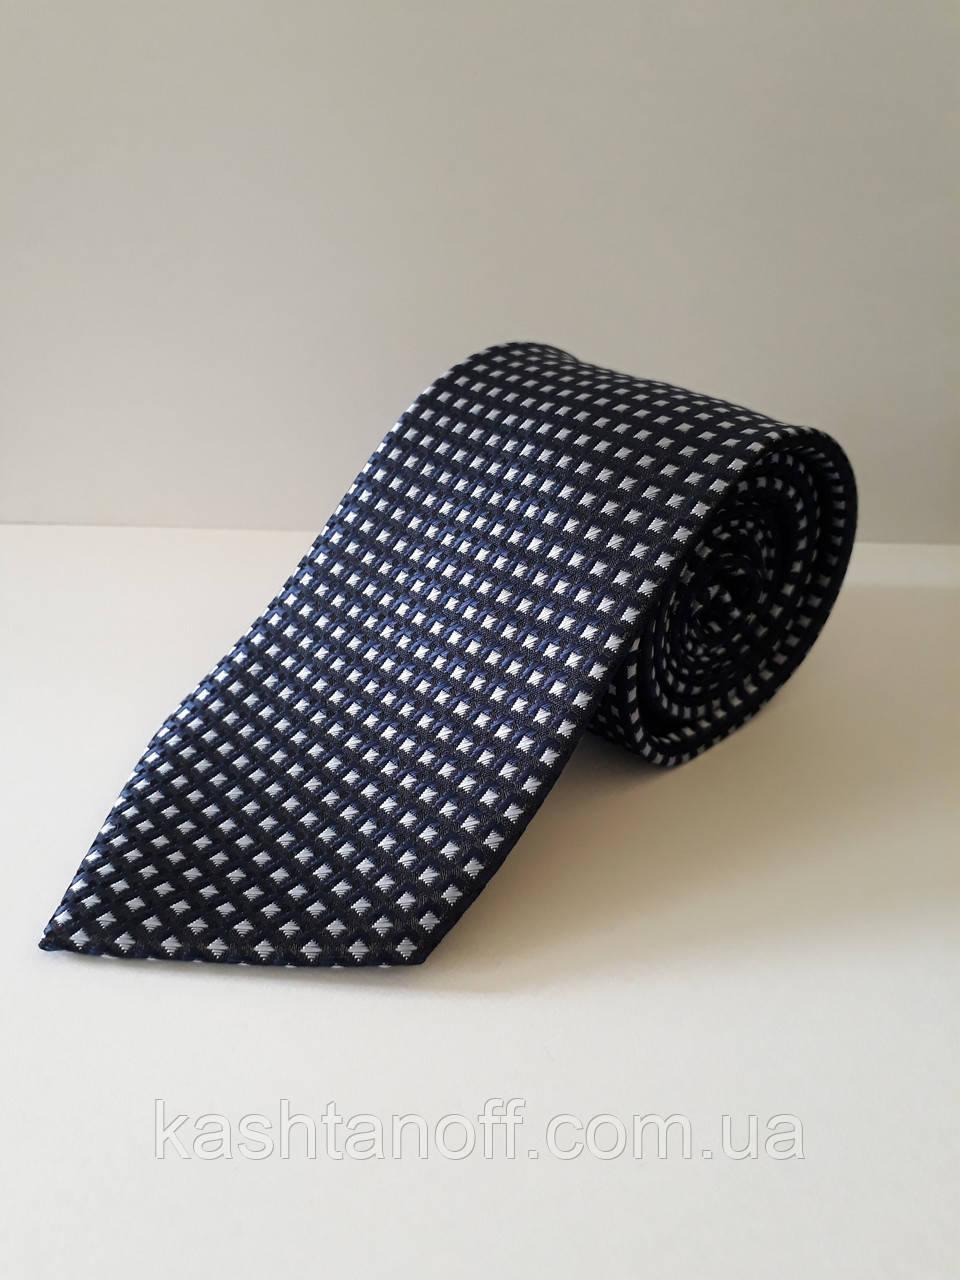 Краватка класичний темно-синій білий квадрат